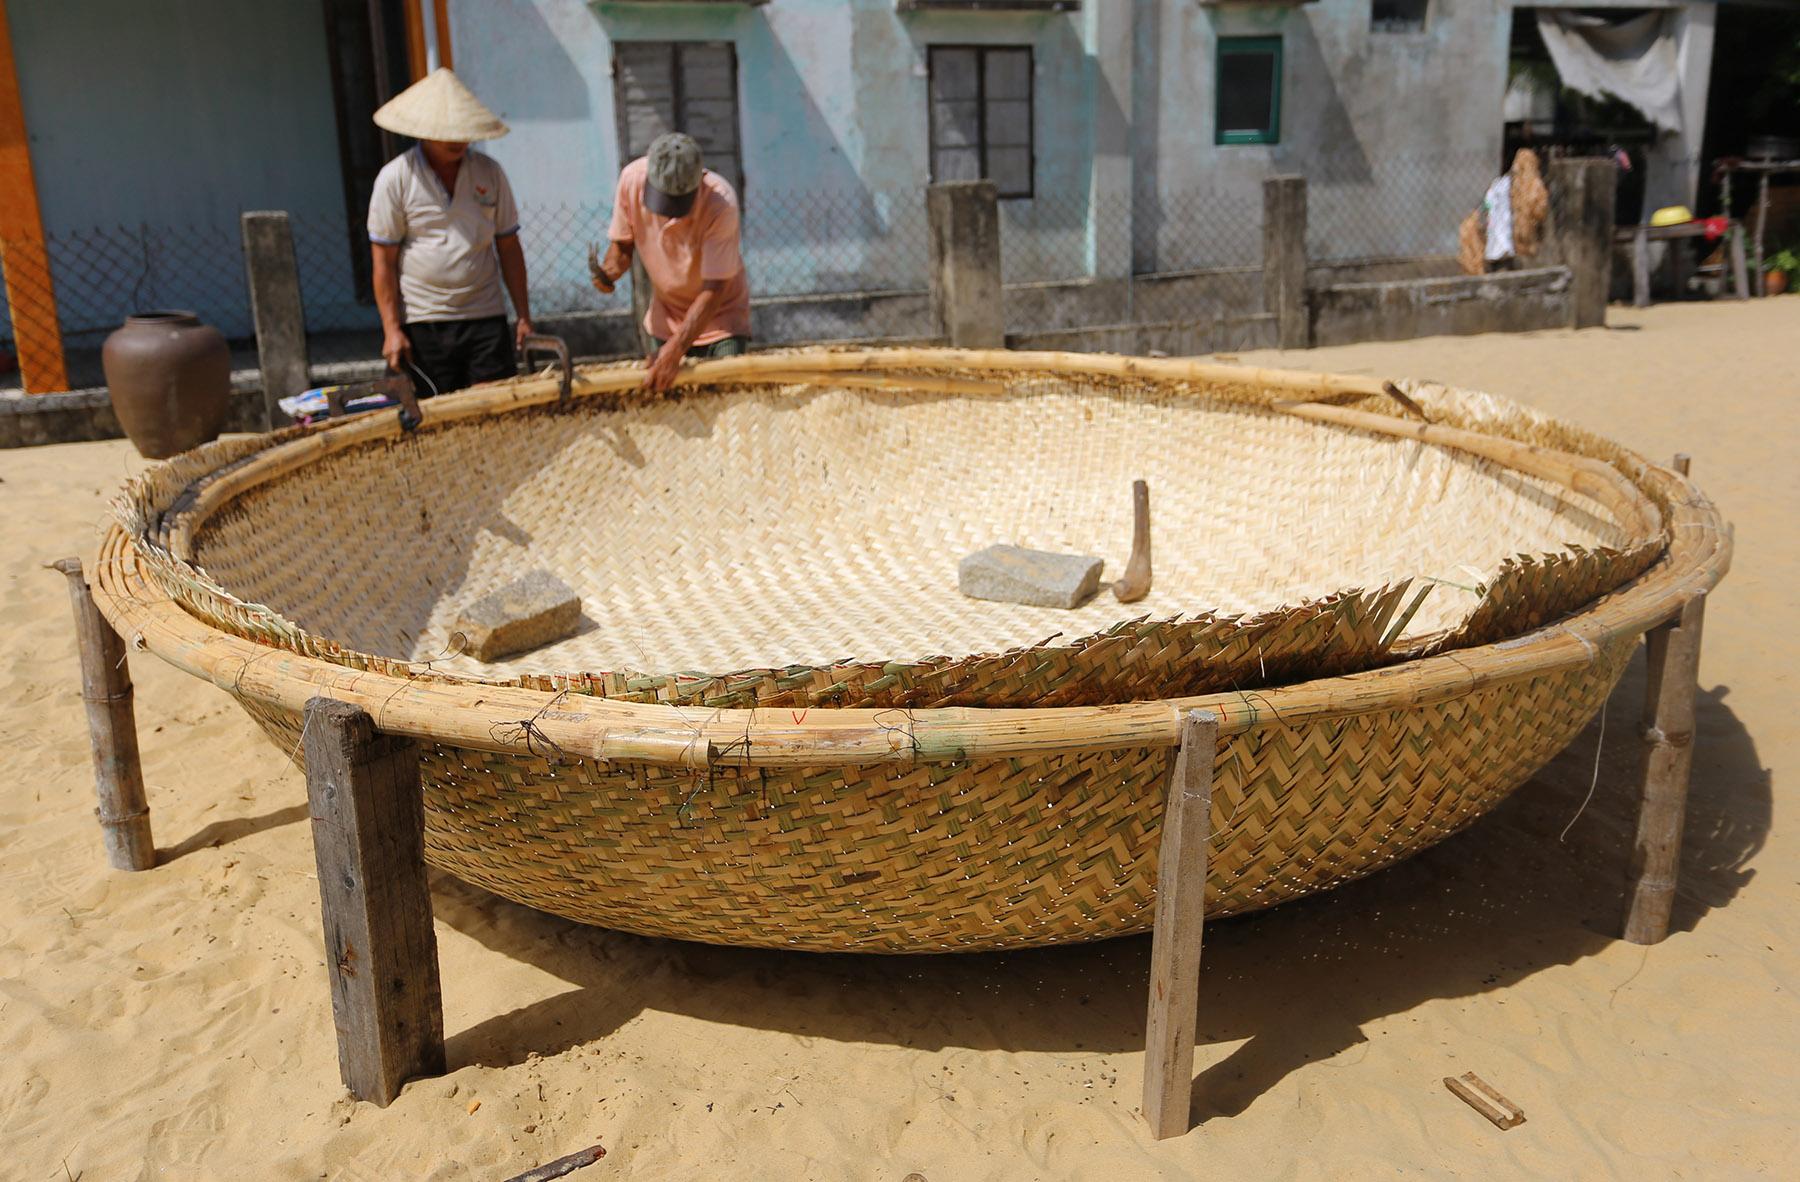 Bí quyết nghề đan thuyền thúng câu mực ở Quảng Nam